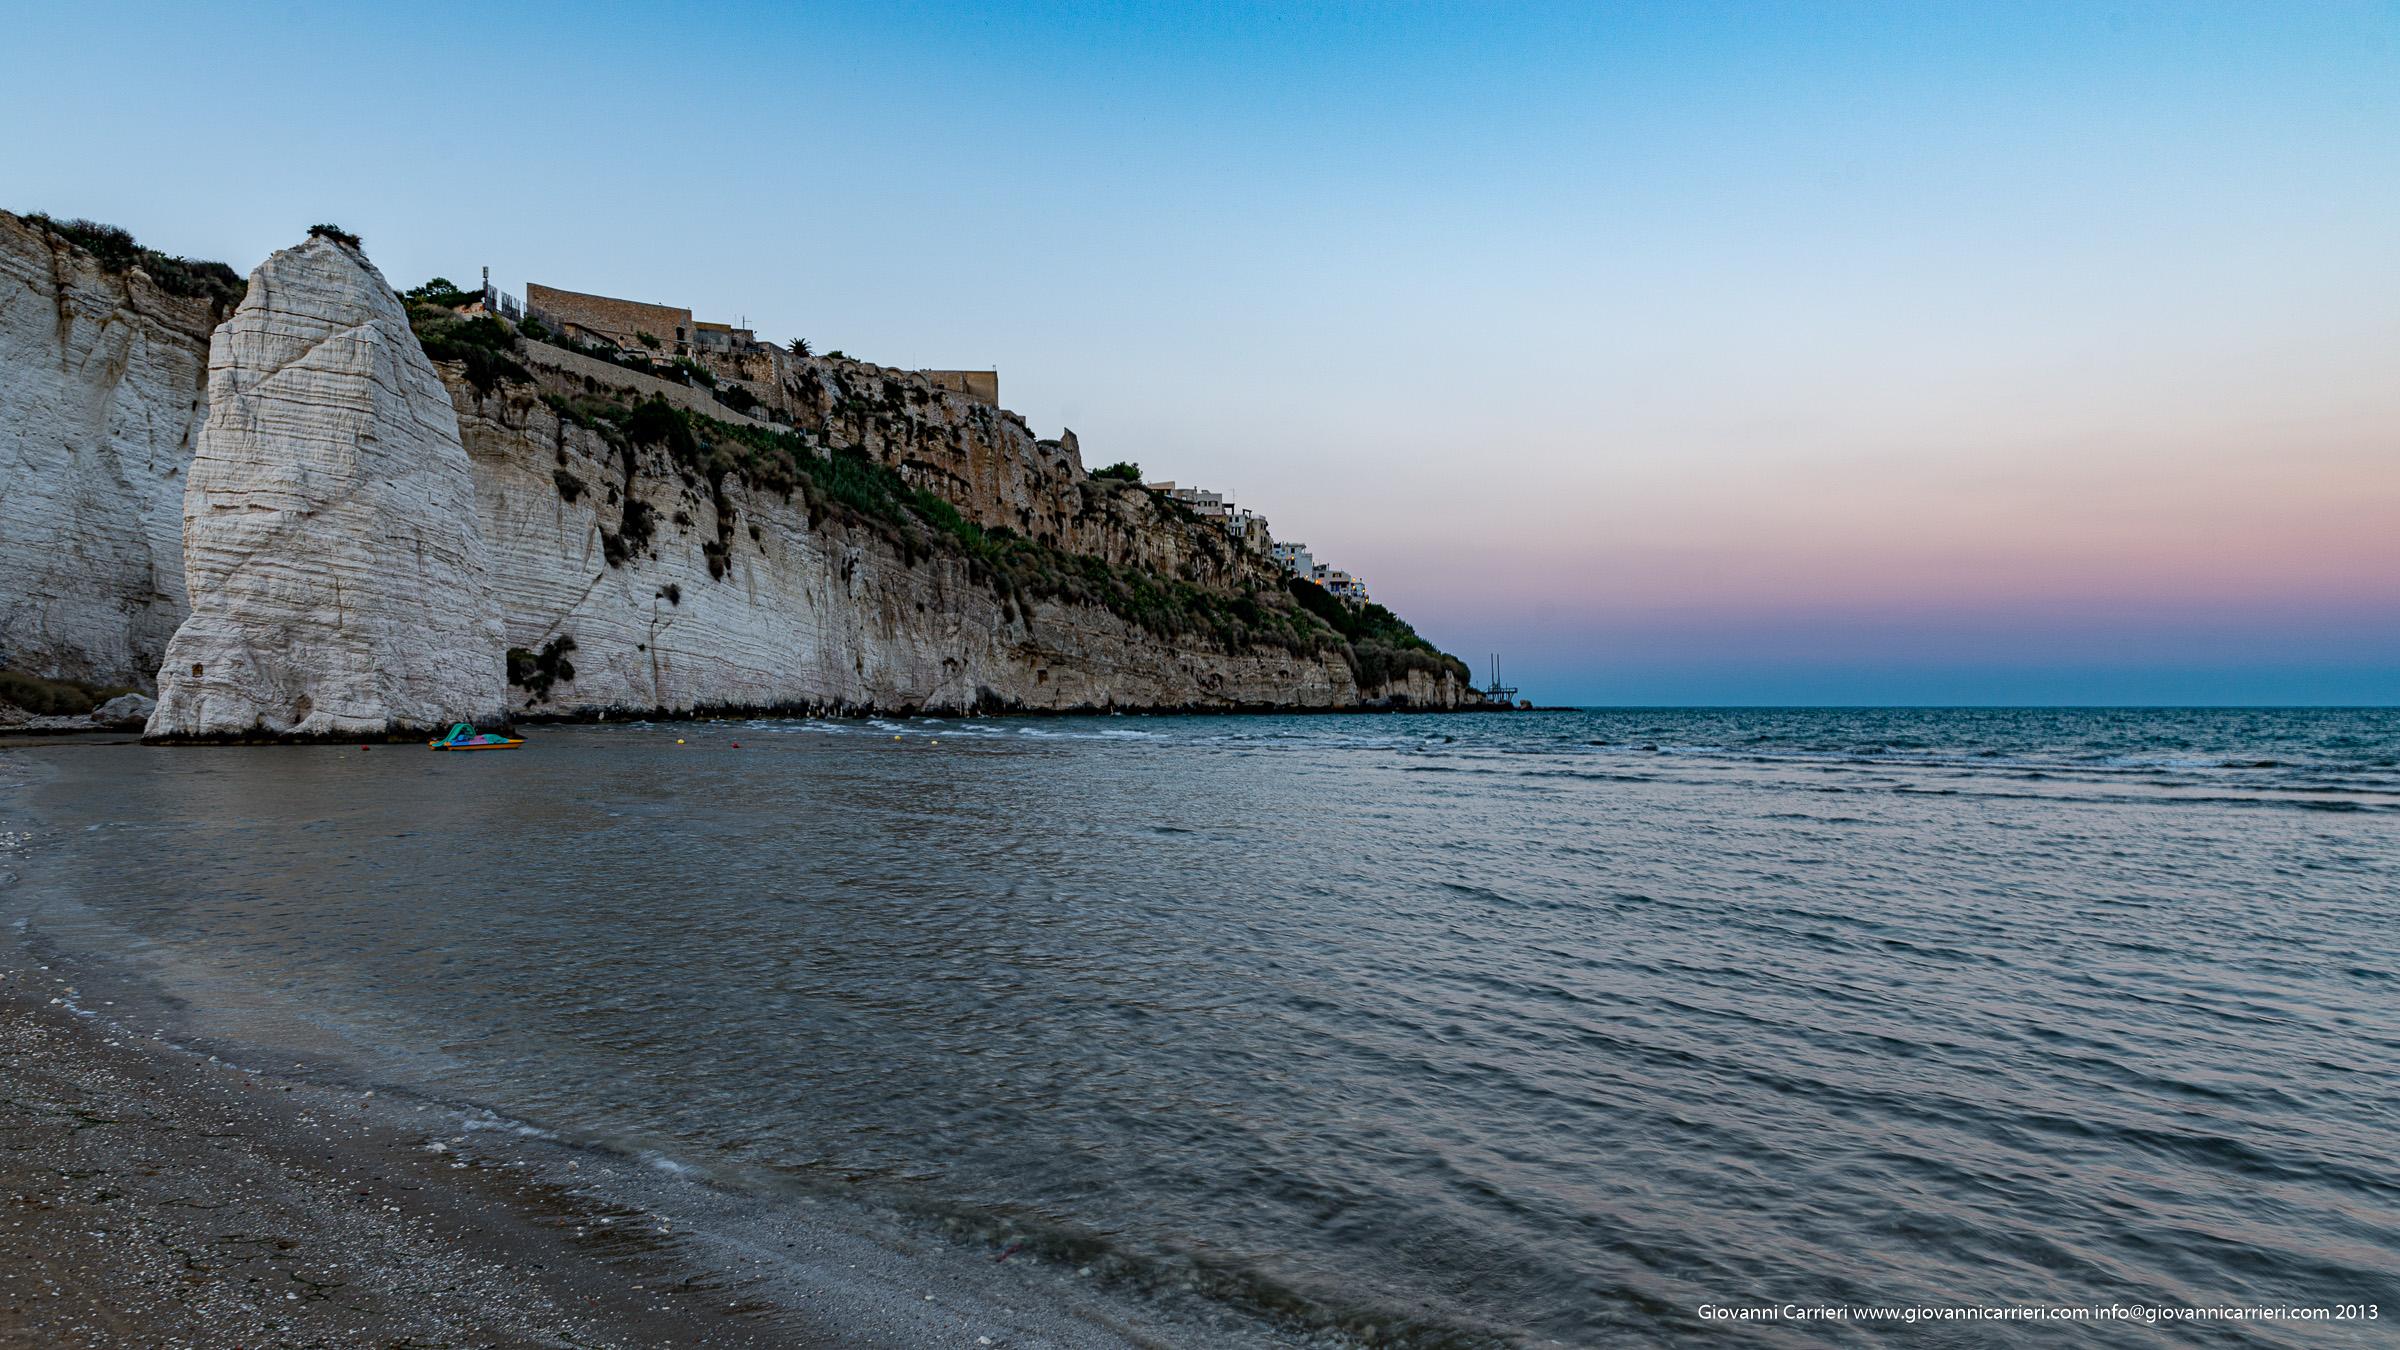 La spiaggia di Vieste